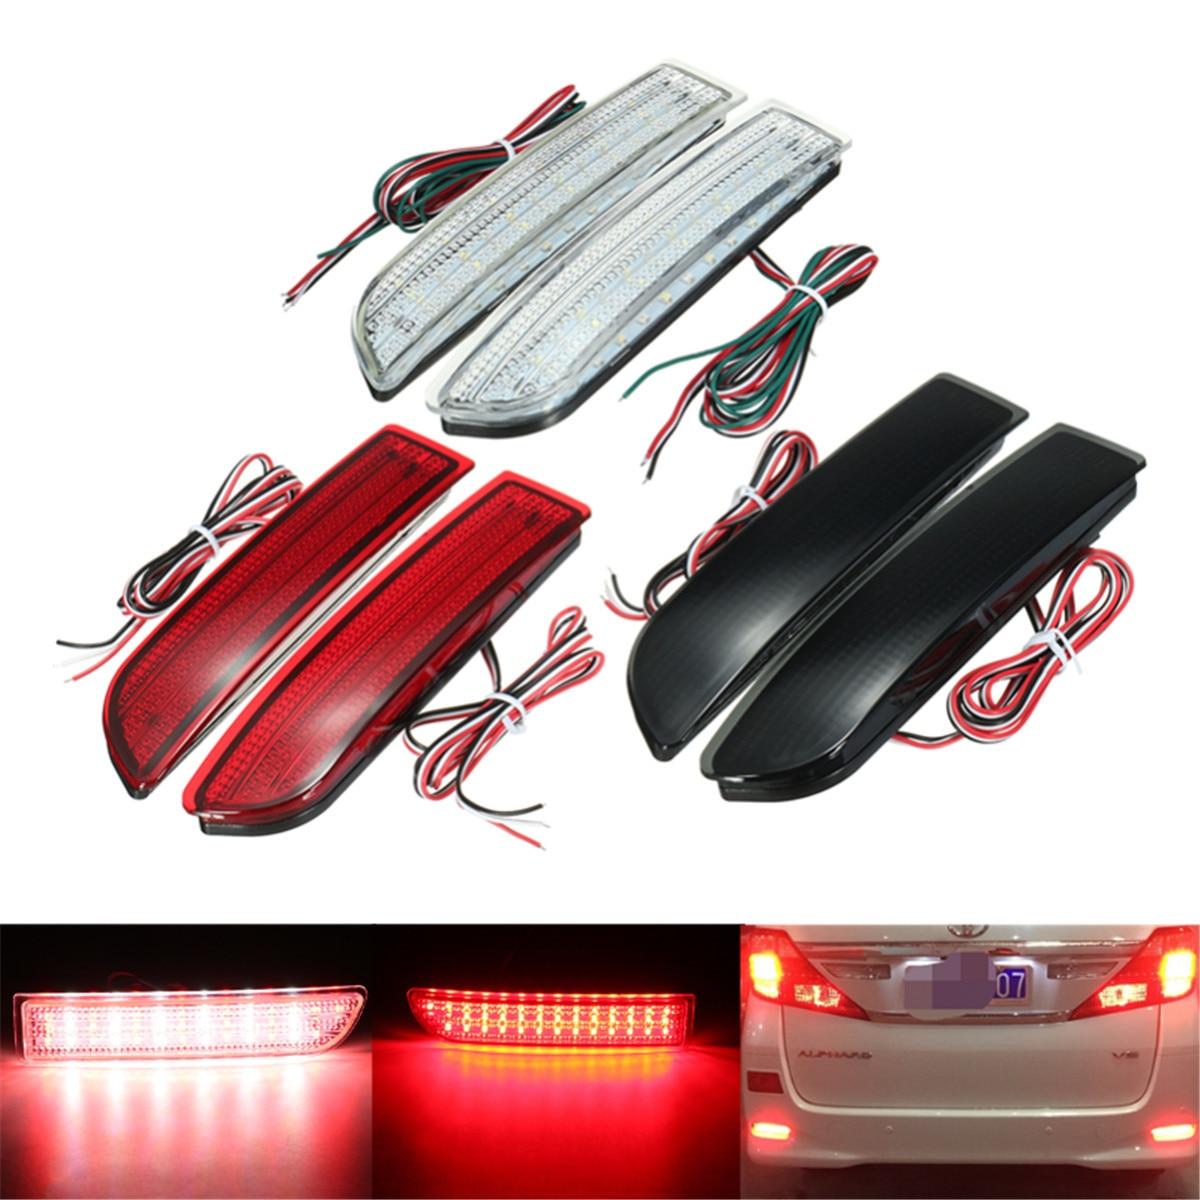 Reflector de parachoques trasero del coche de 2 uds. LED luces de giro de luz de freno trasero para Toyota RAV4 Avensis Saloon Alphard calcula